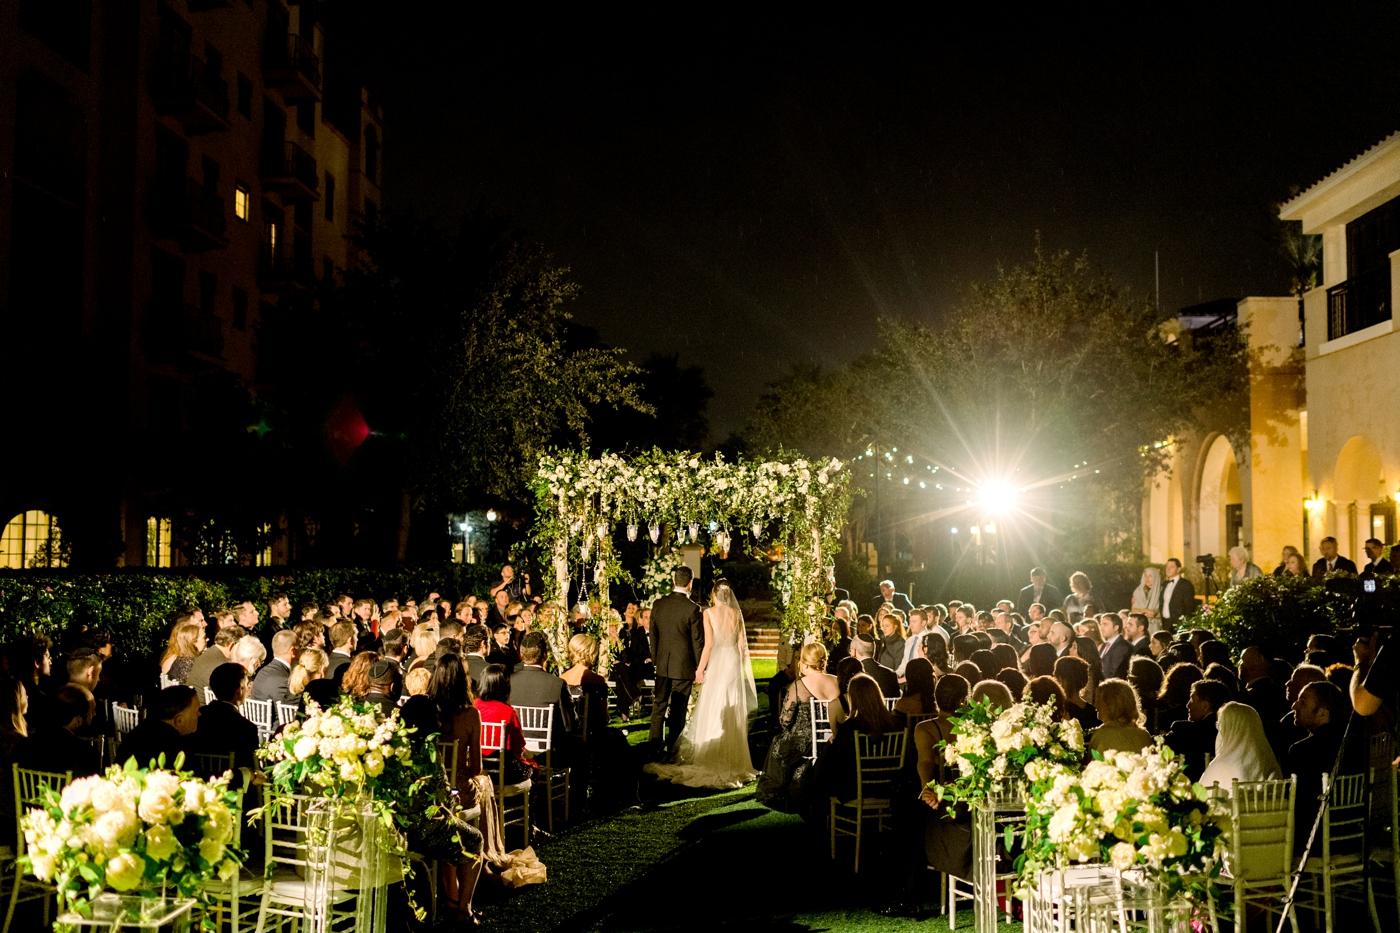 alfond inn lawn ceremony chuppah